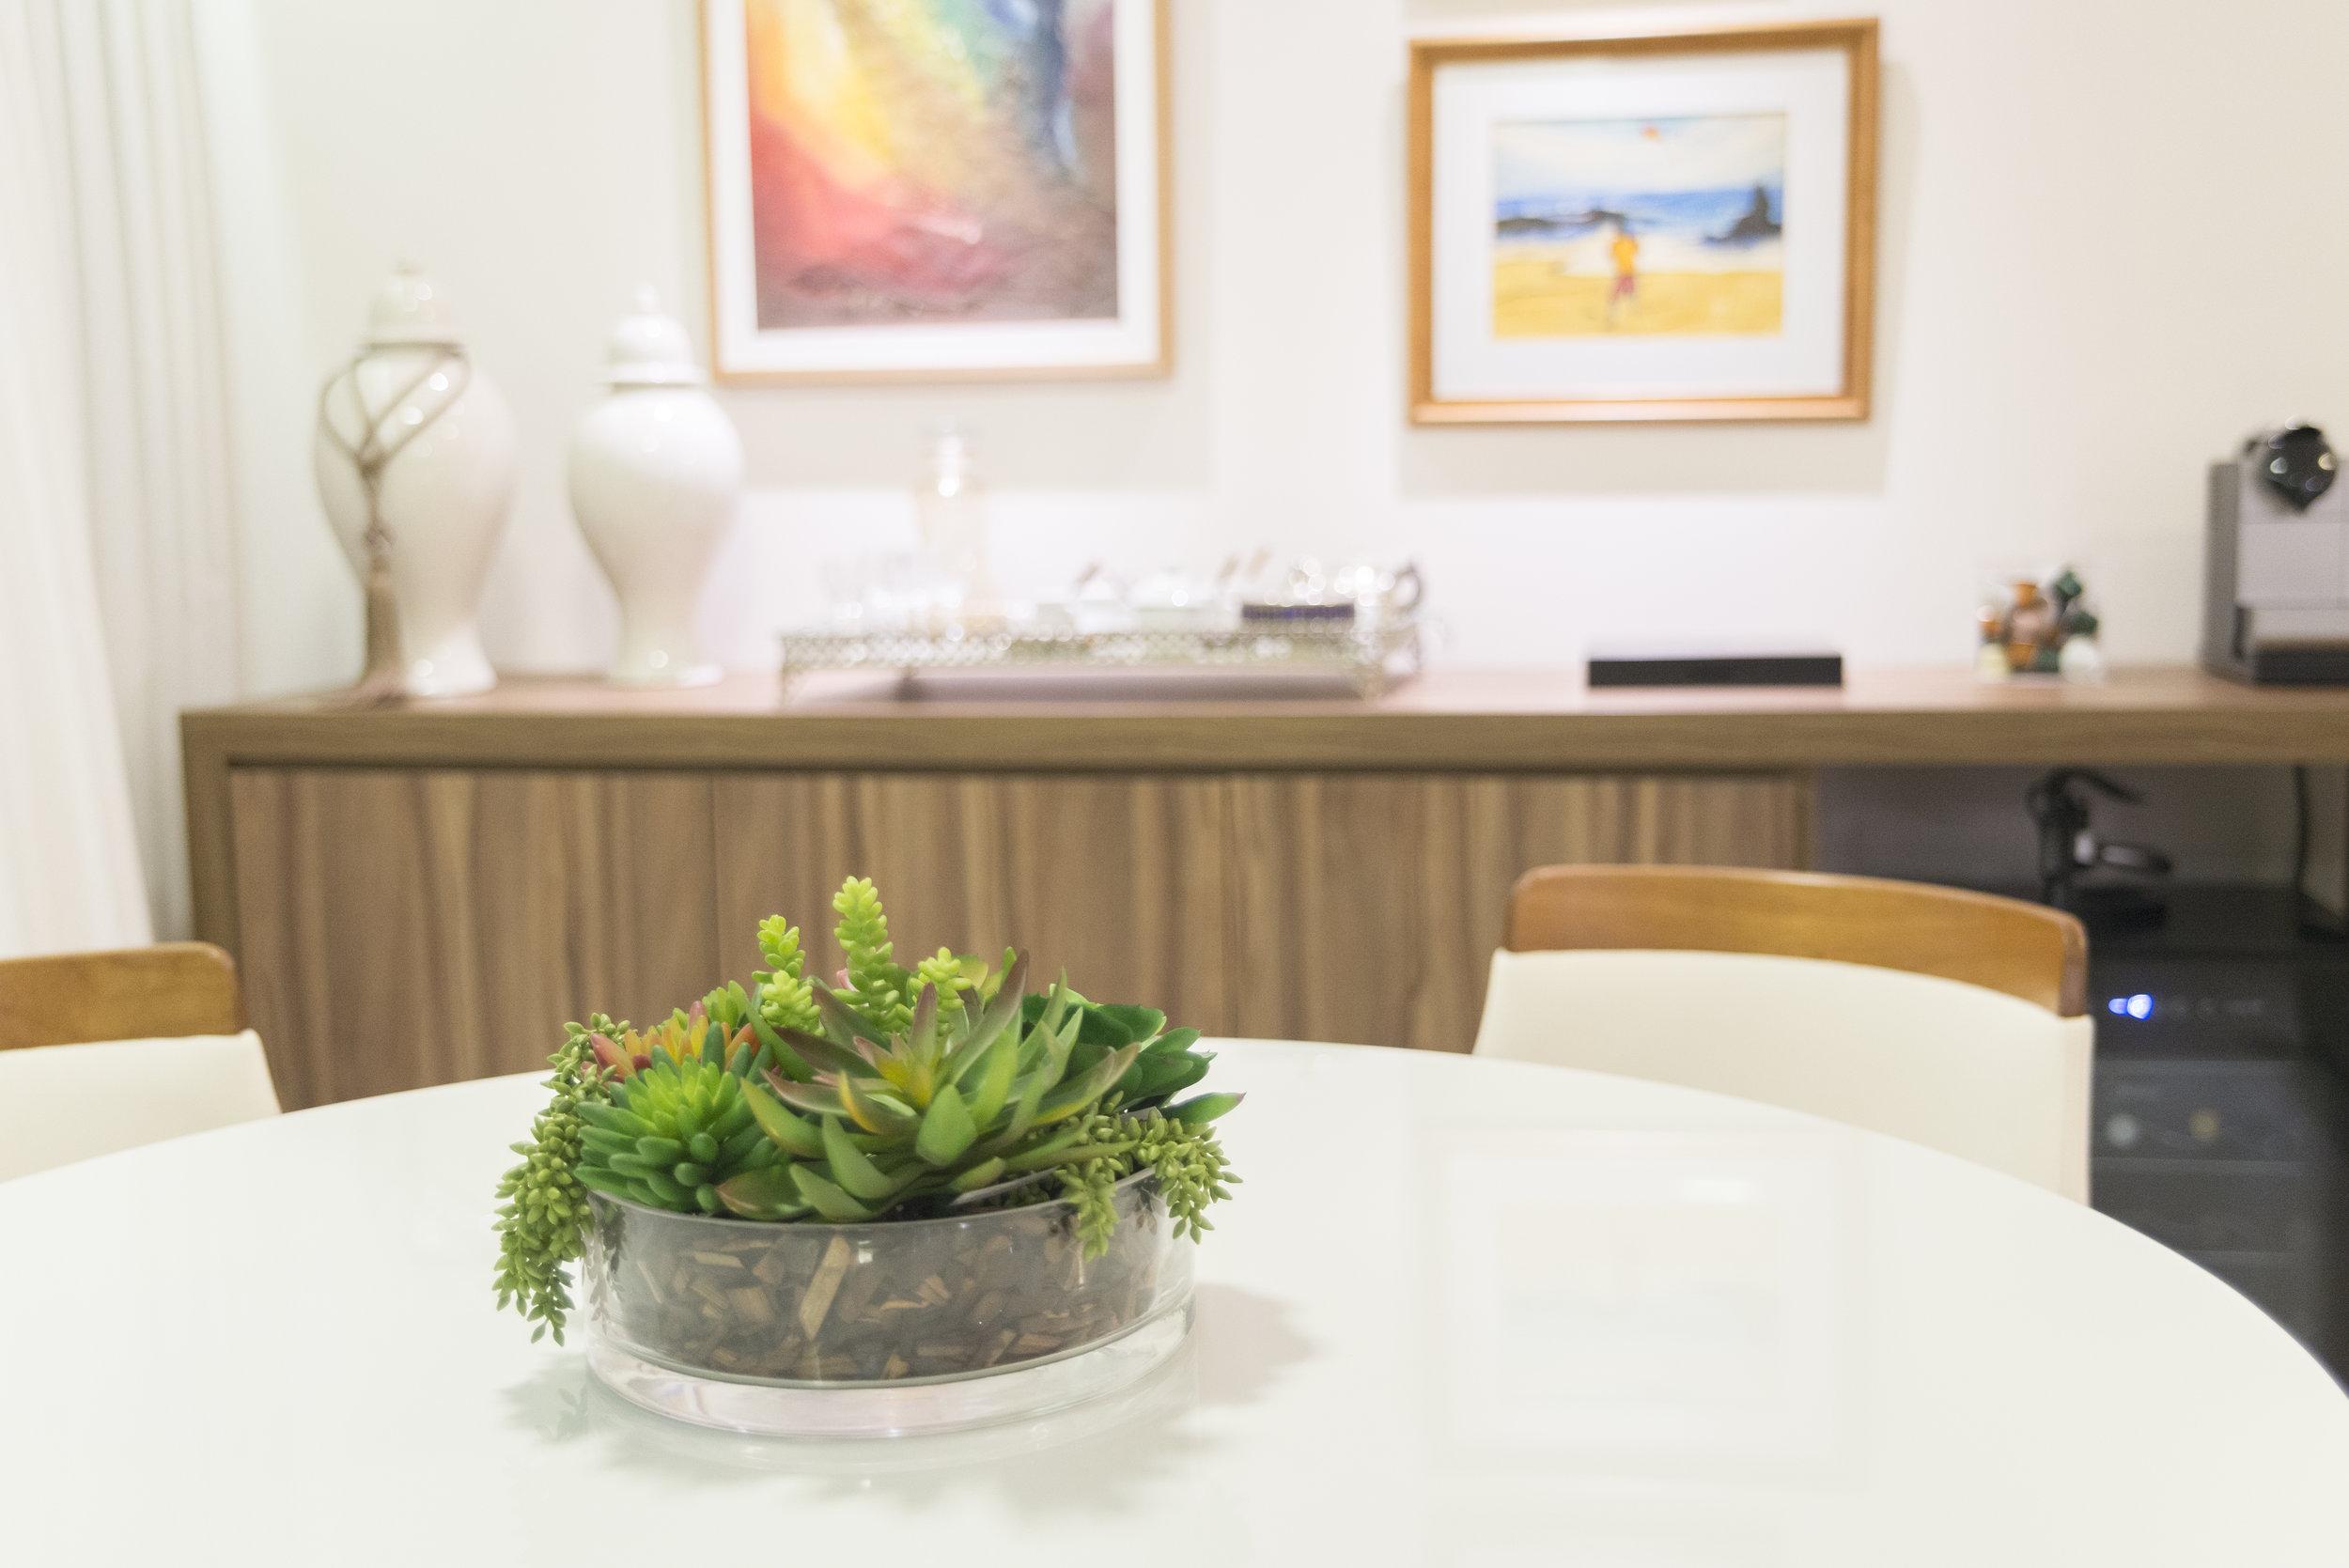 projeto-arquitetonico-luciananilton-duo-arquitetura-apartamentos-natal-027.jpg